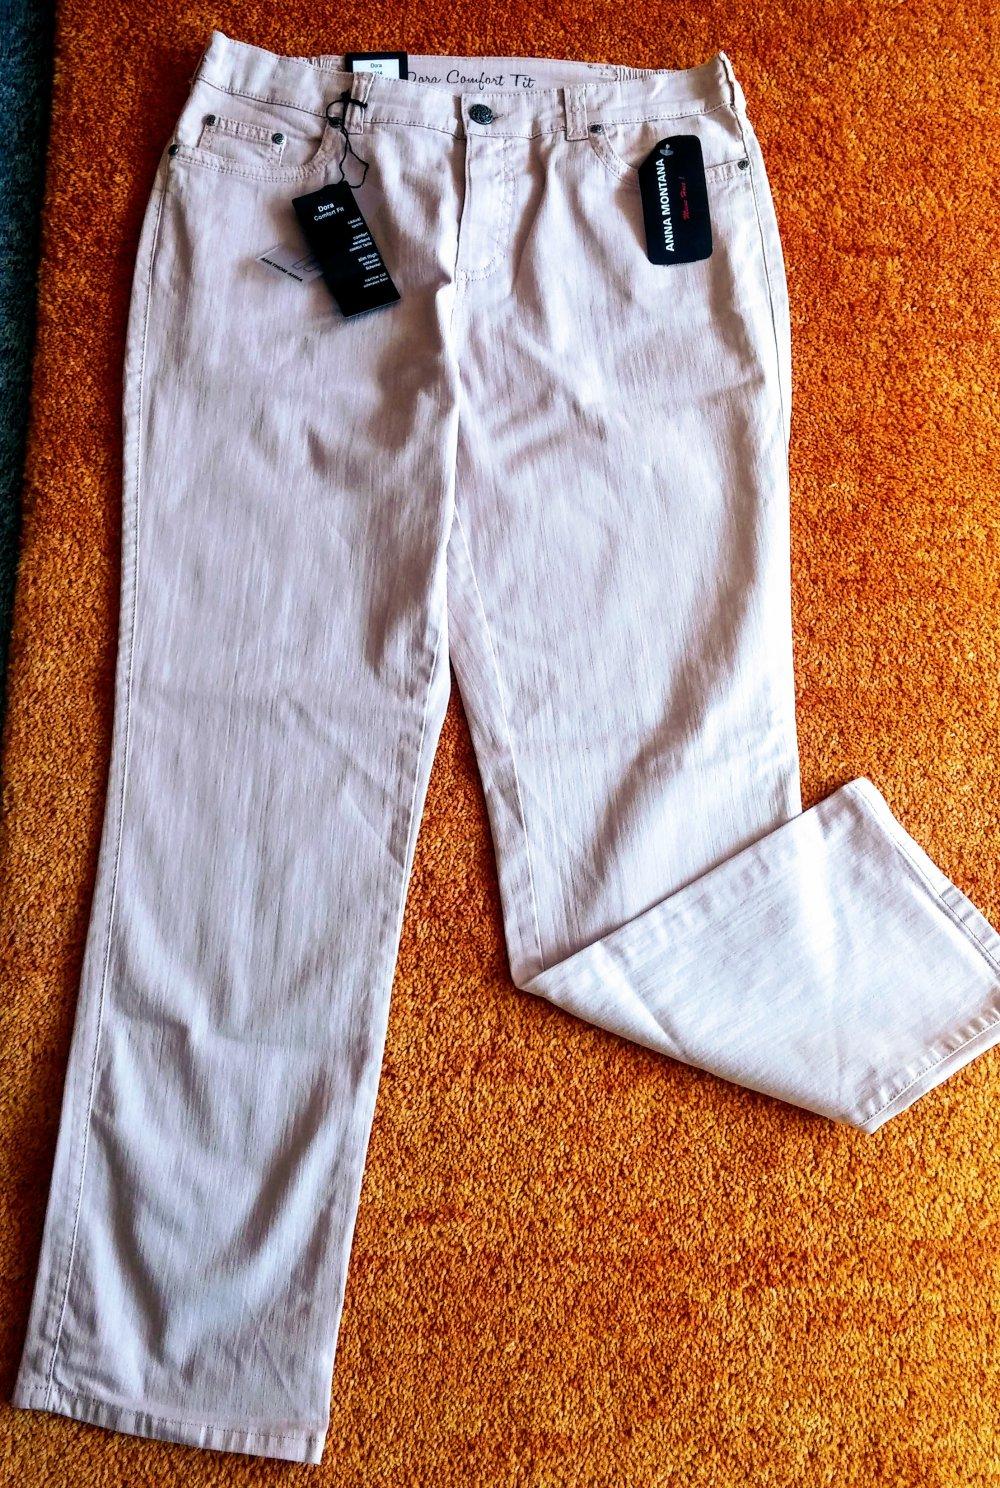 klassischer Chic am billigsten Gutscheincodes NEU Damen Hose Jeans Stretch Gr.42 in Rose´ von Anna Montana P.49,95€